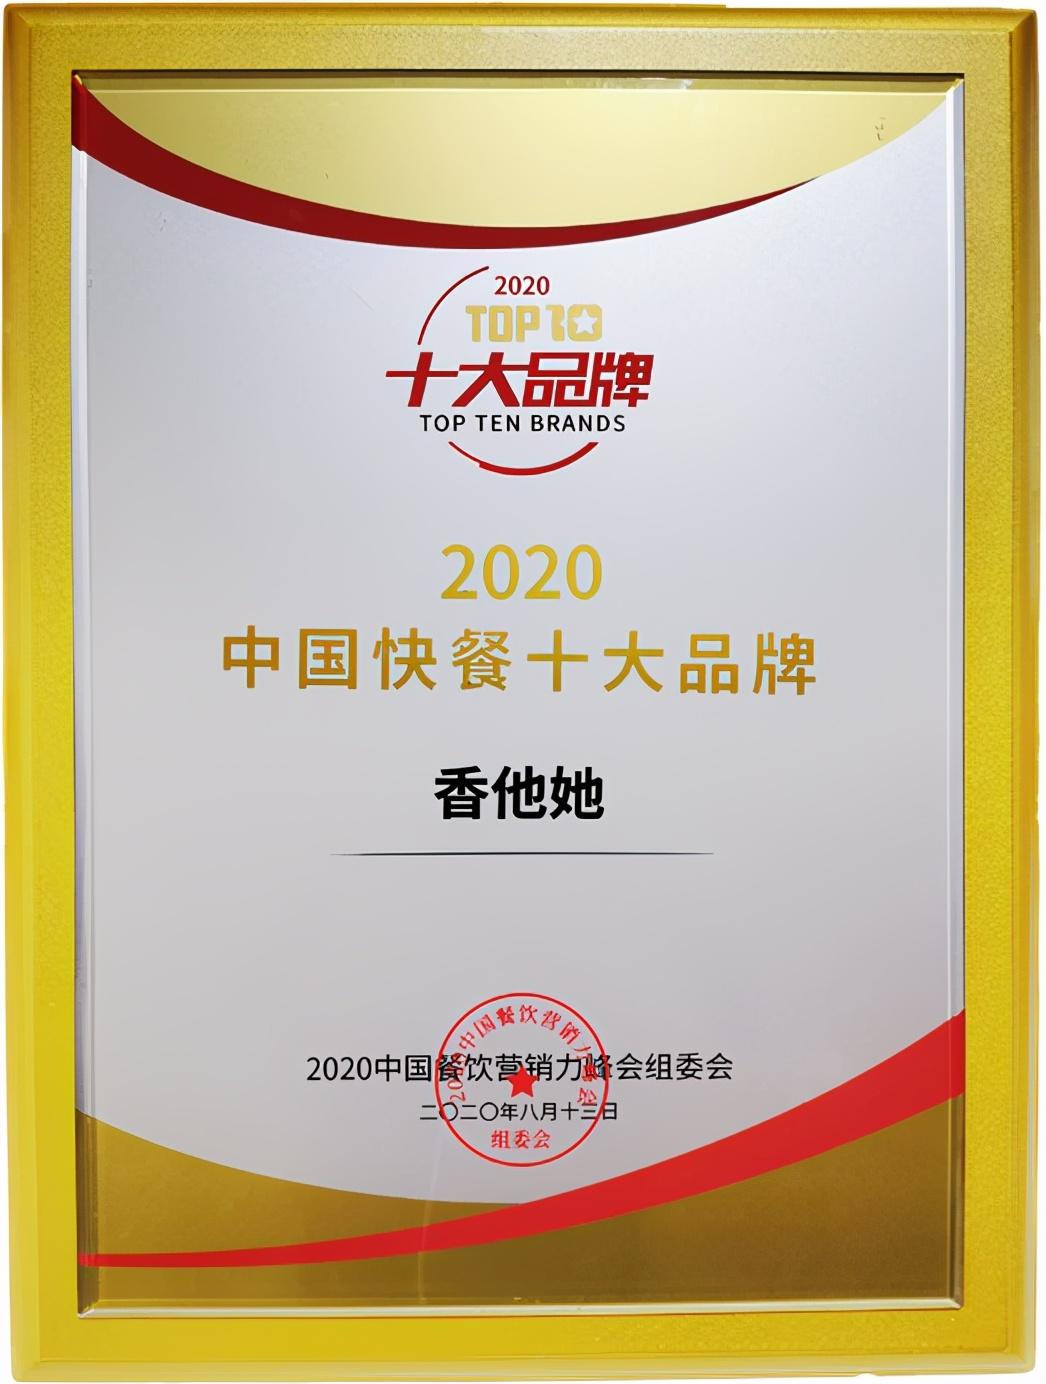 再获殊荣,香他她斩获2020年十大中式简餐连锁加盟品牌